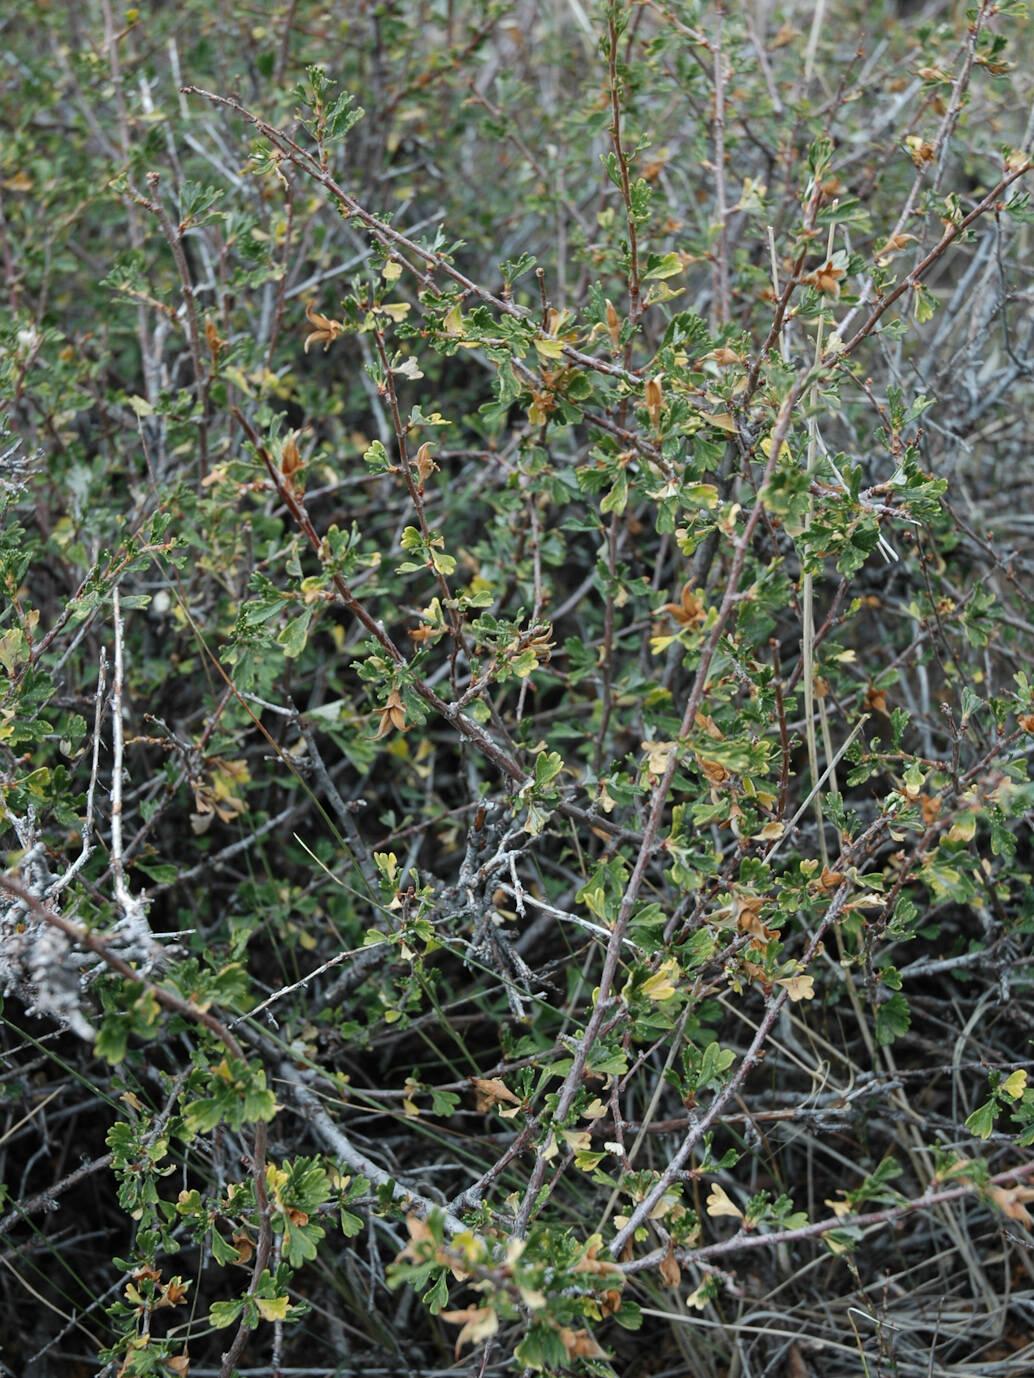 close up of Antelope Bitterbrush shrub branch, scientific name purshia tridentata